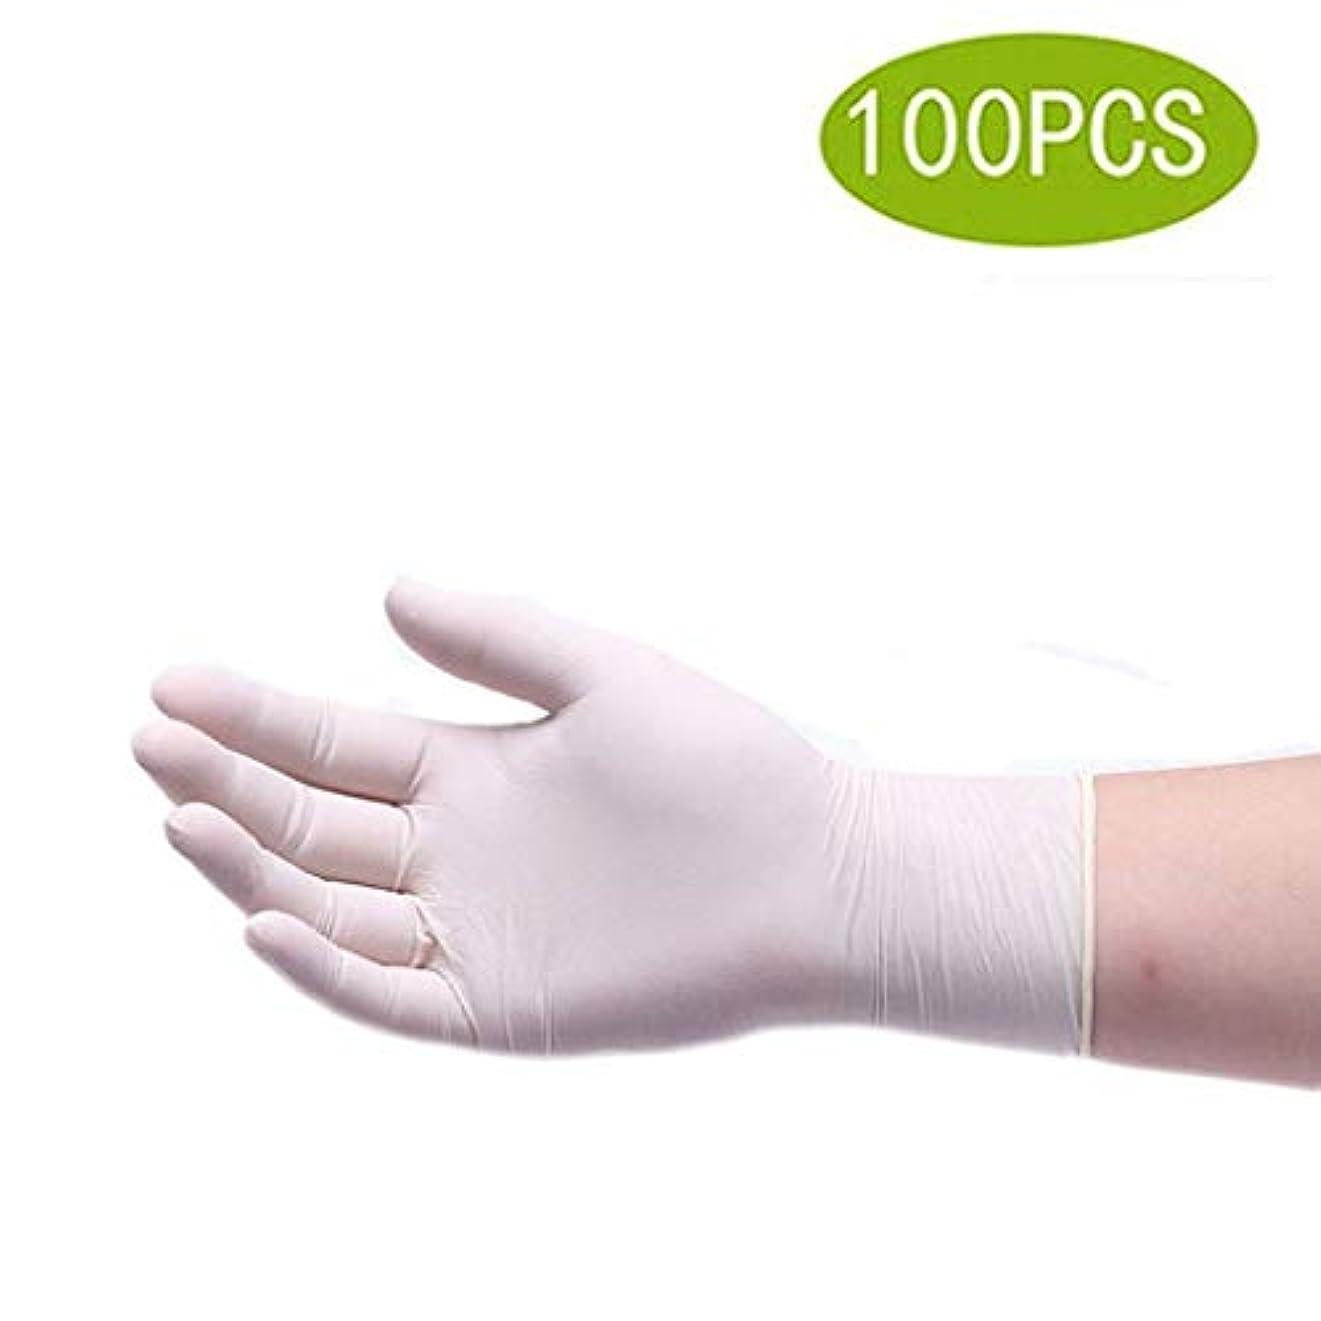 体操選手支援カートリッジ食品取扱のための使い捨て手袋、作業ニトリル手袋、ラテックスフリー手袋、使い捨て手袋、パウダーフリーの、滅菌済みでない使い捨て安全手袋、ミディアム(100個入り) (Color : White, Size : S)